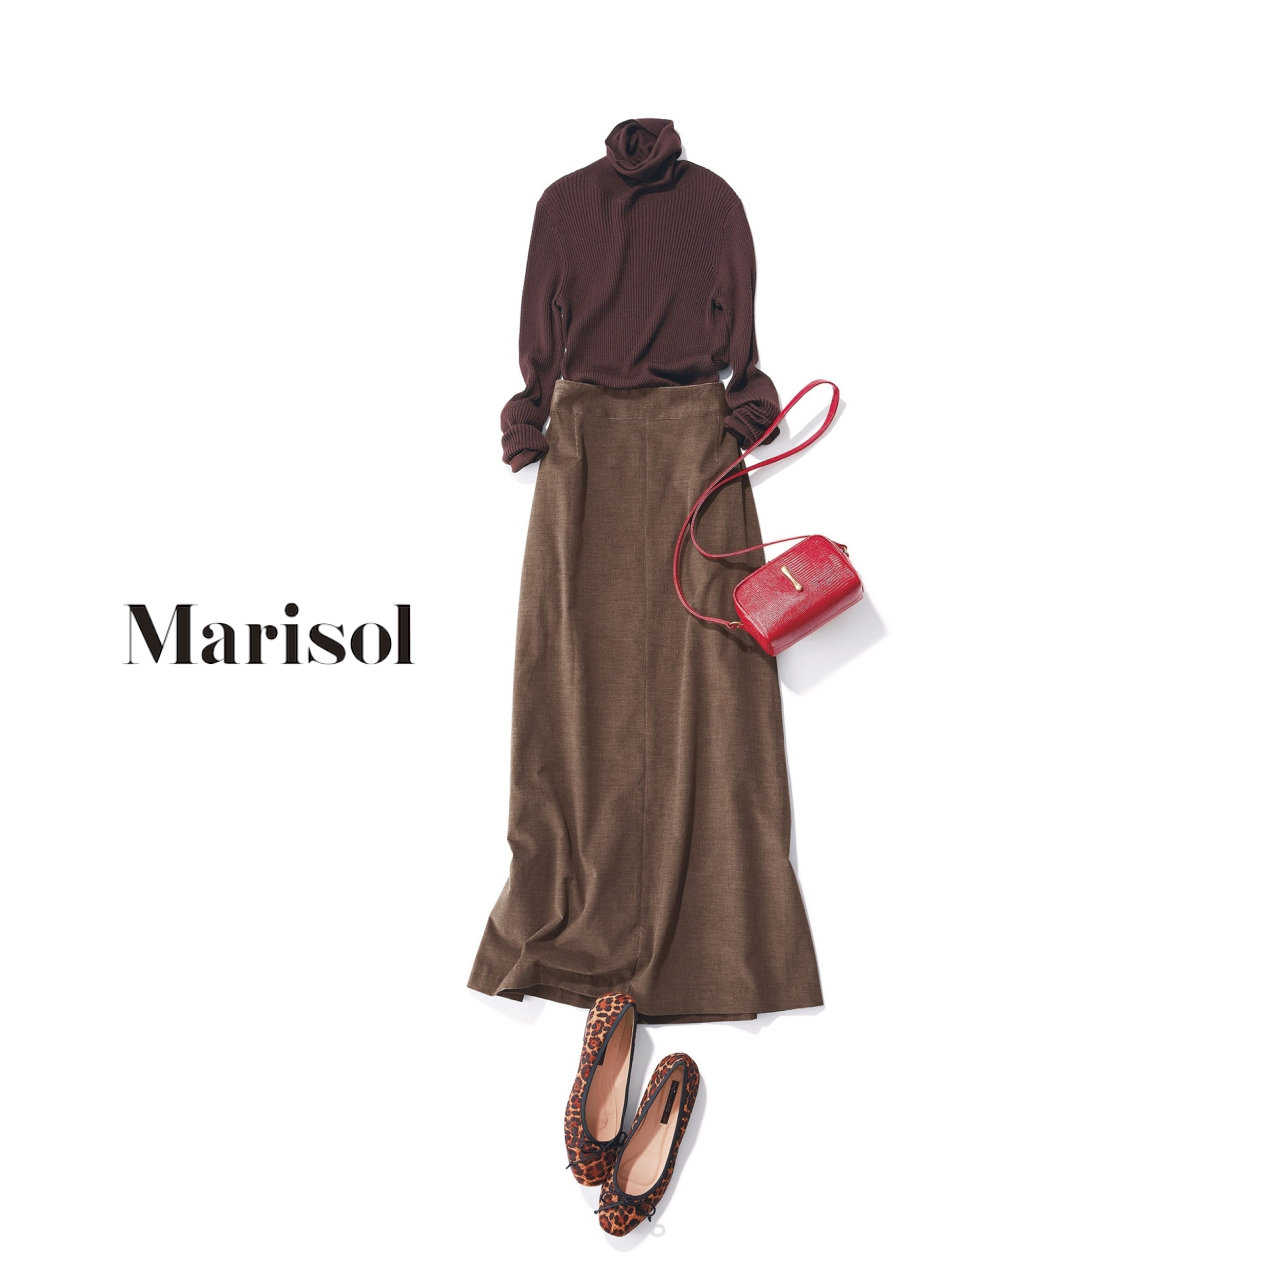 40代ファッション ブラウンタートルネックニット×ブラウンロングスカートコーデ